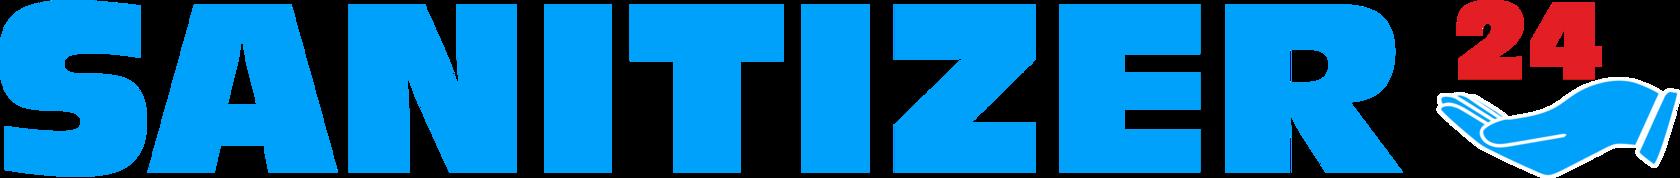 SANITIZER24